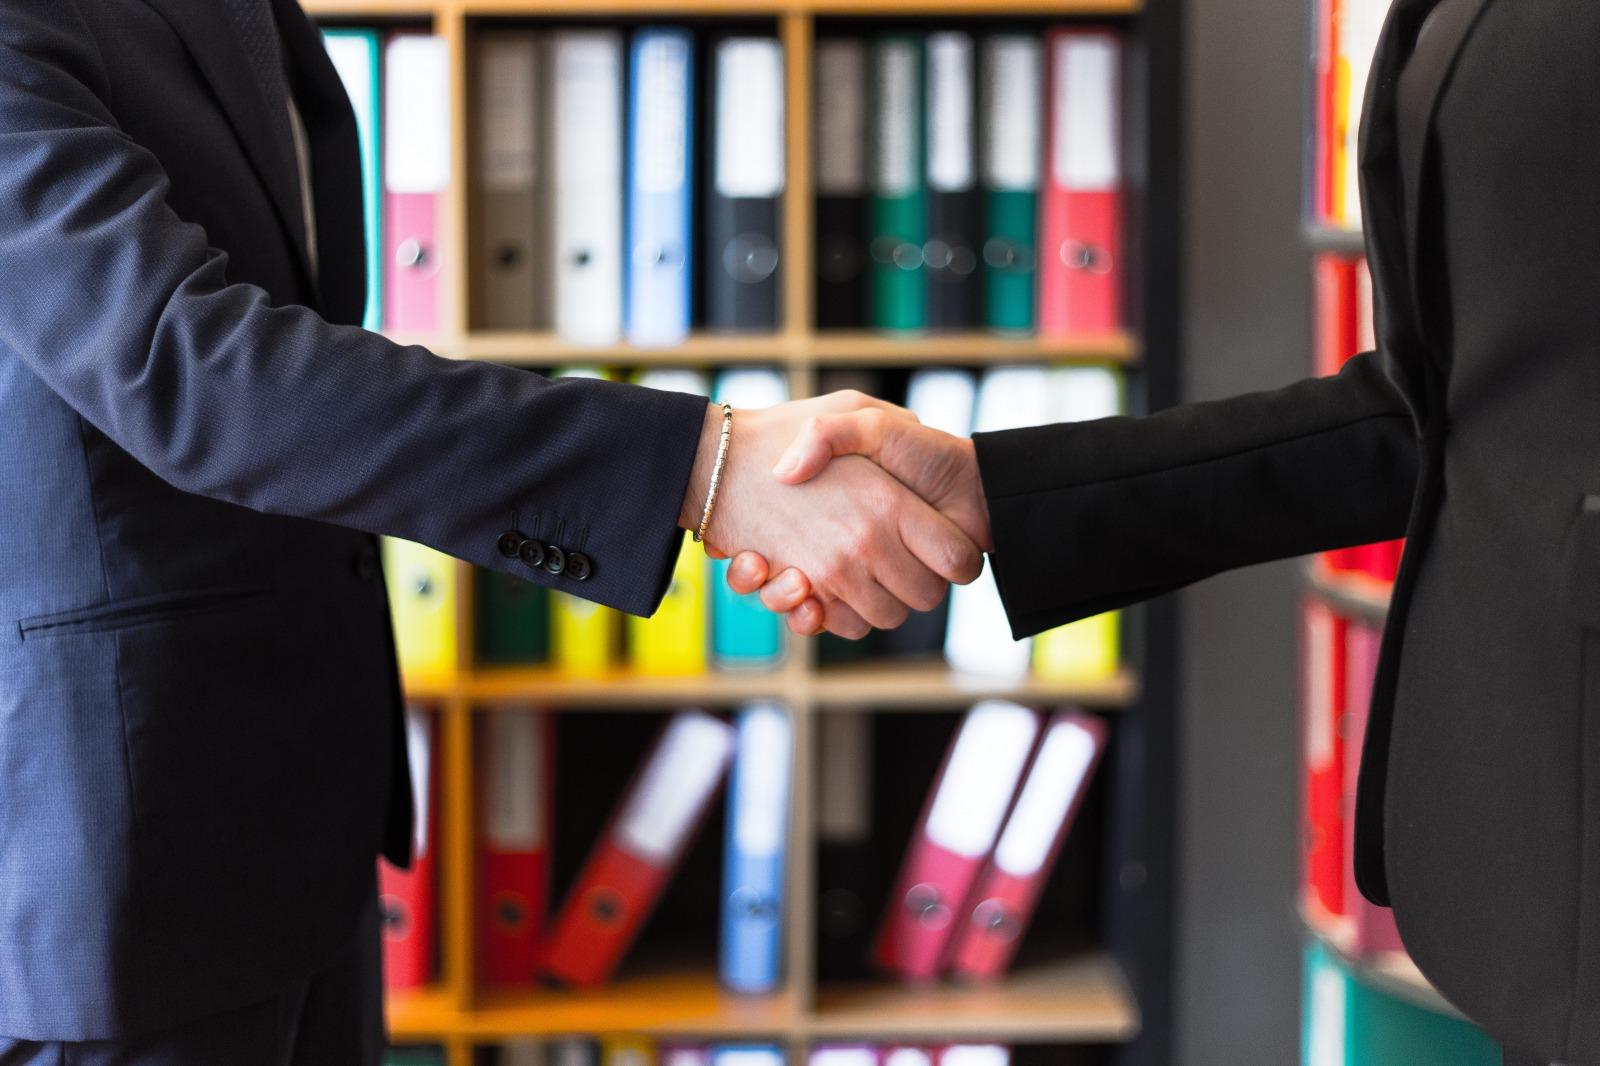 司法書士は就職できない、転職が難しいは嘘!就職活動に大切なことを解説